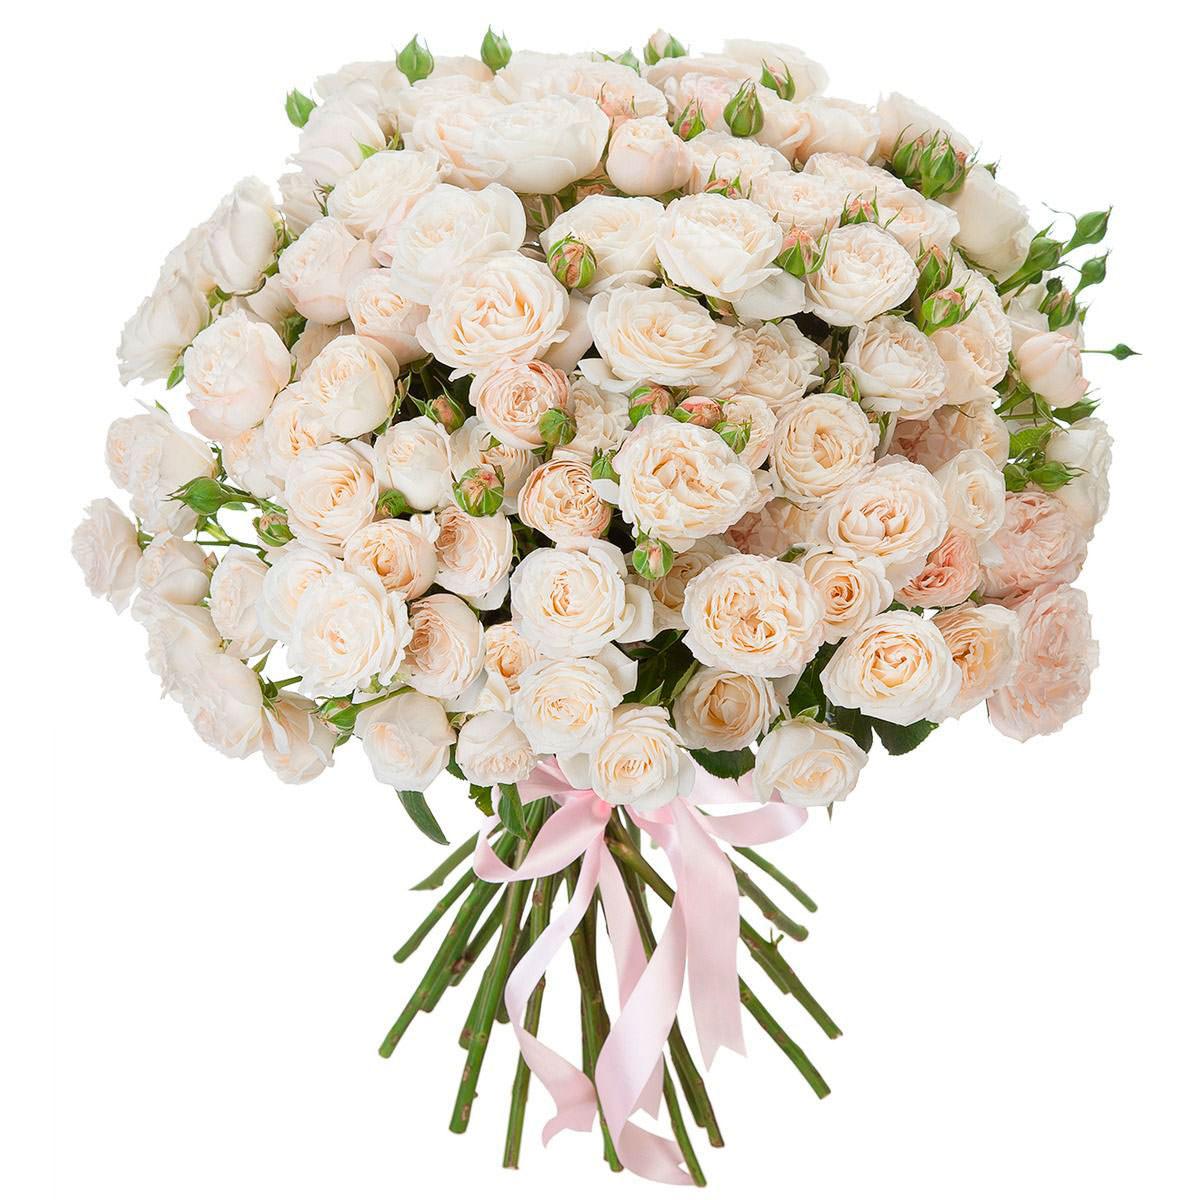 стоит букет из белых и розовых роз картинки выбрать мужские